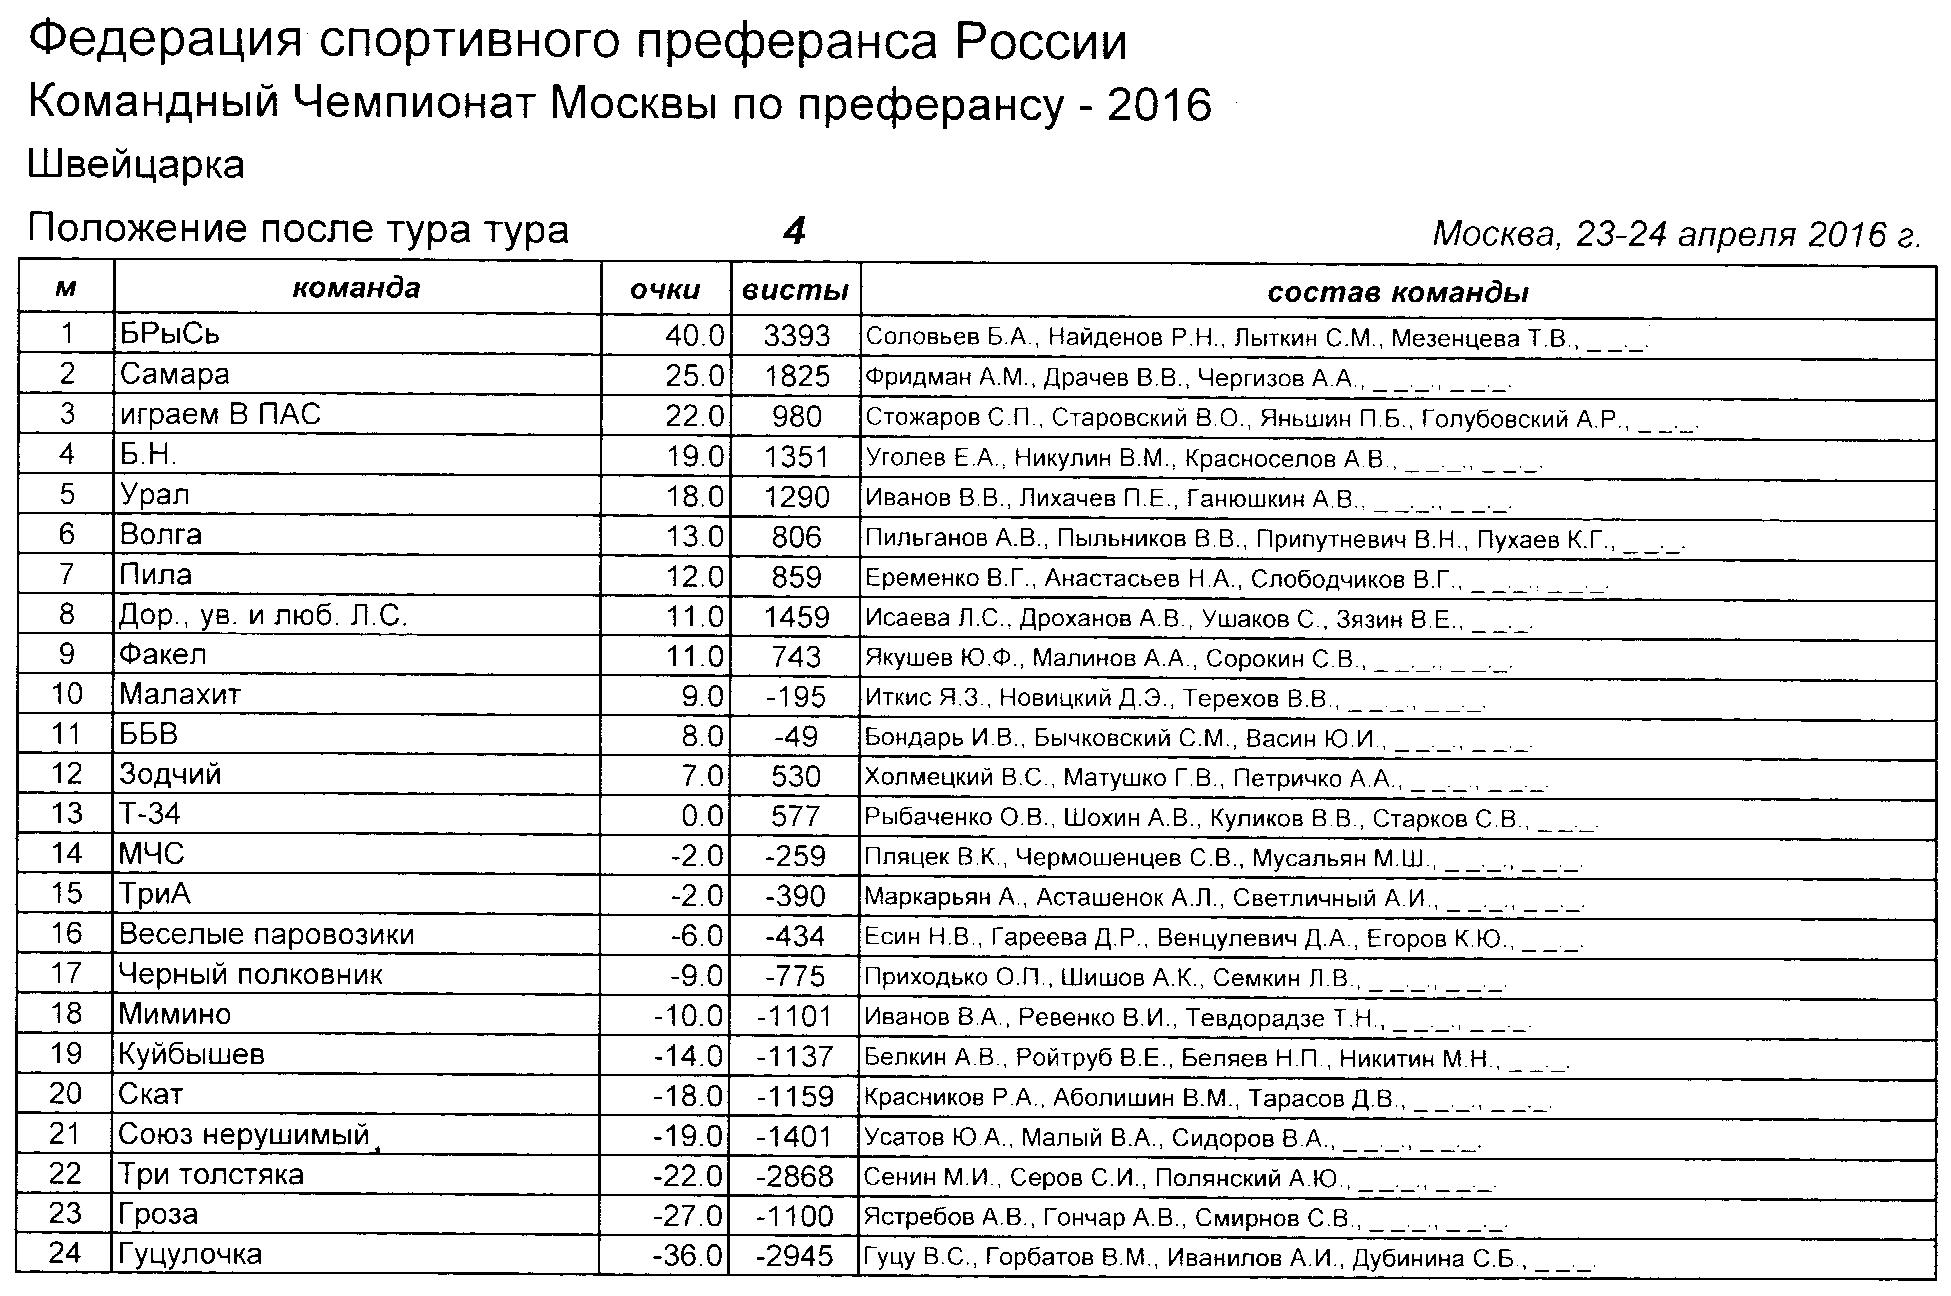 http://s3.uploads.ru/8wHn4.png